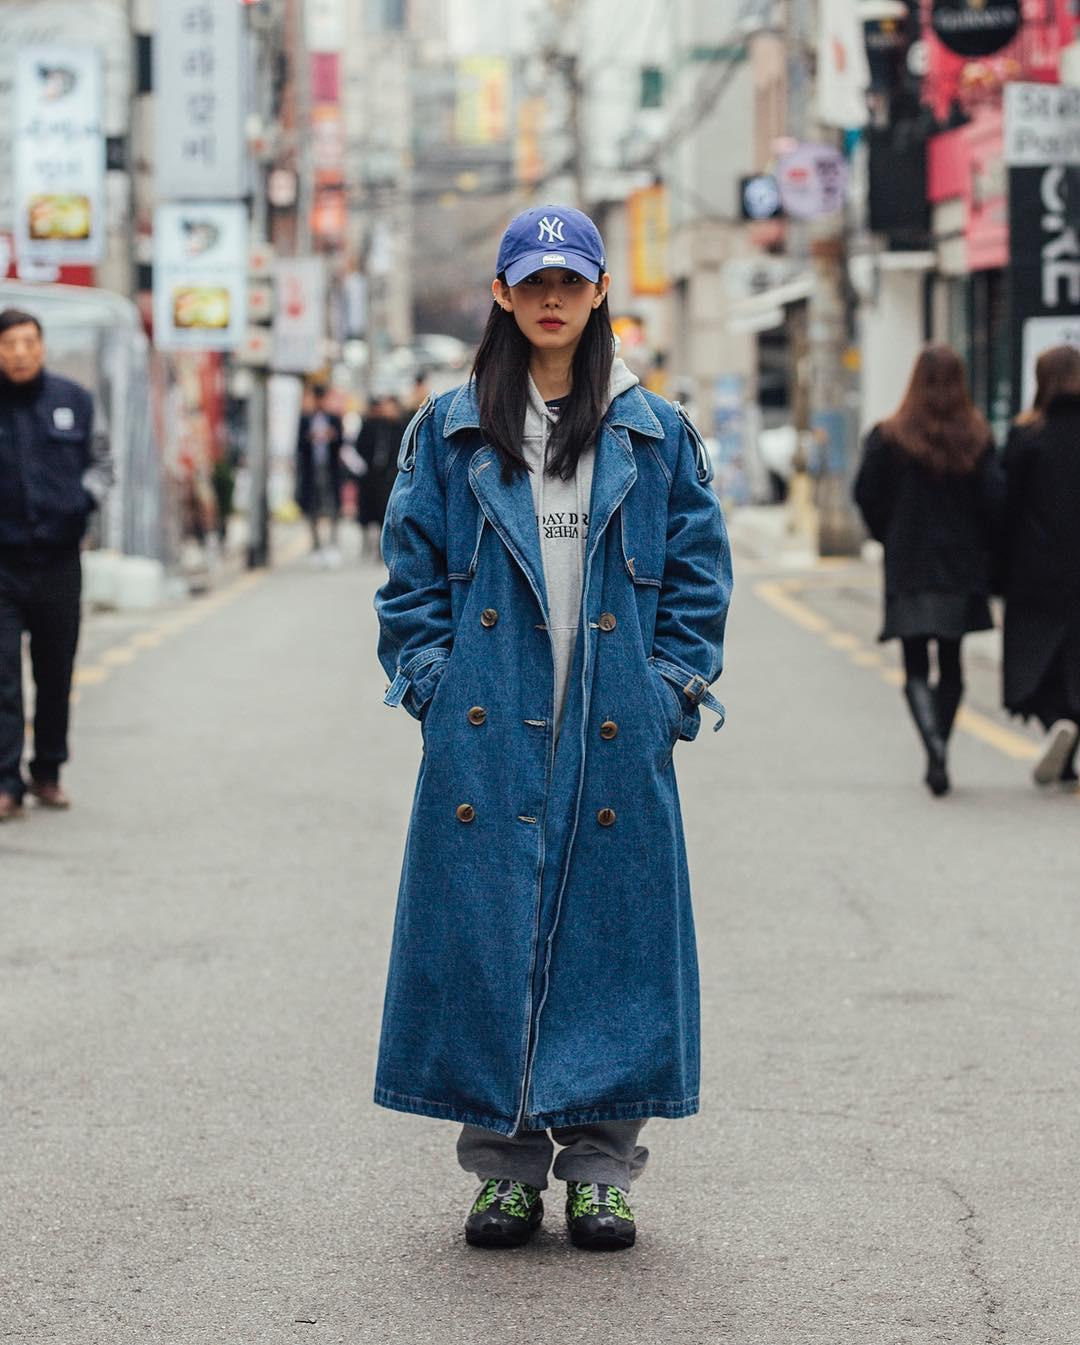 Mê phong cách đơn giản, bụi bặm hay chanh xả, bạn cũng sẽ bỏ túi được cả rổ gợi ý từ street style tuần qua của giới trẻ Hàn - Ảnh 8.